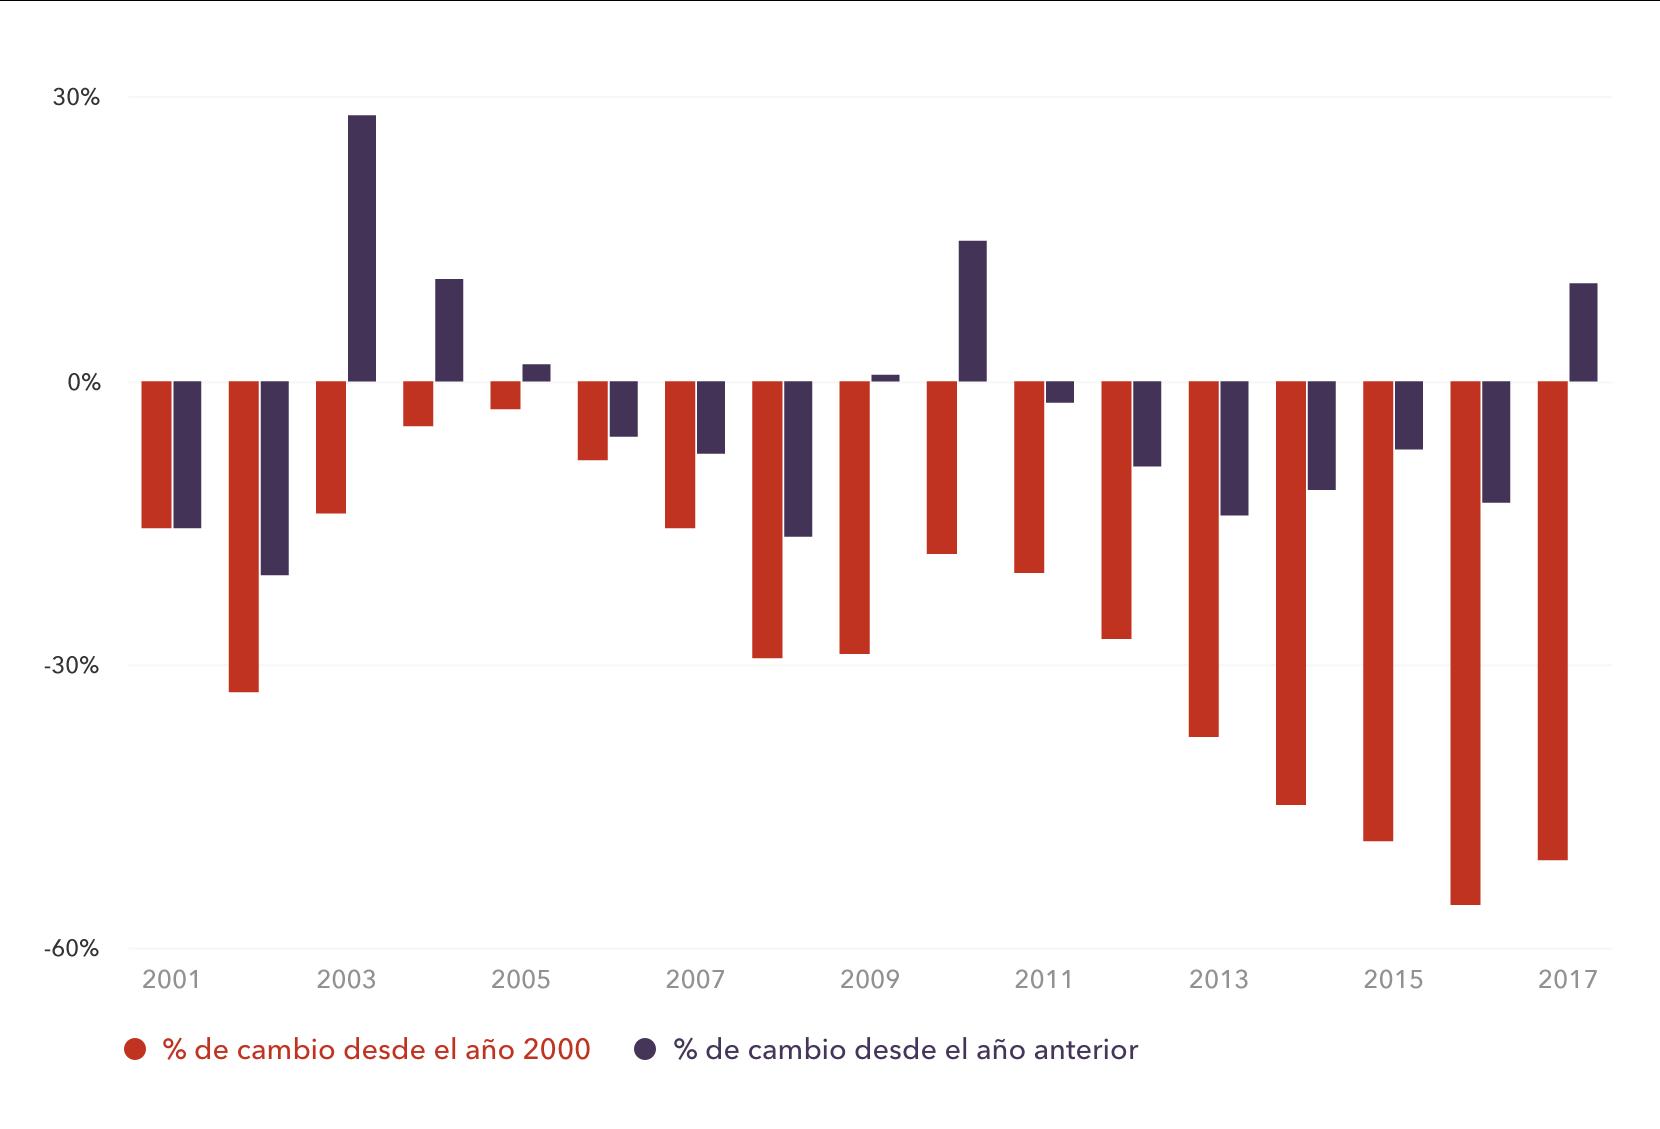 Cambio en el valor del Rand (ZAR) sudafricano desde el 2000